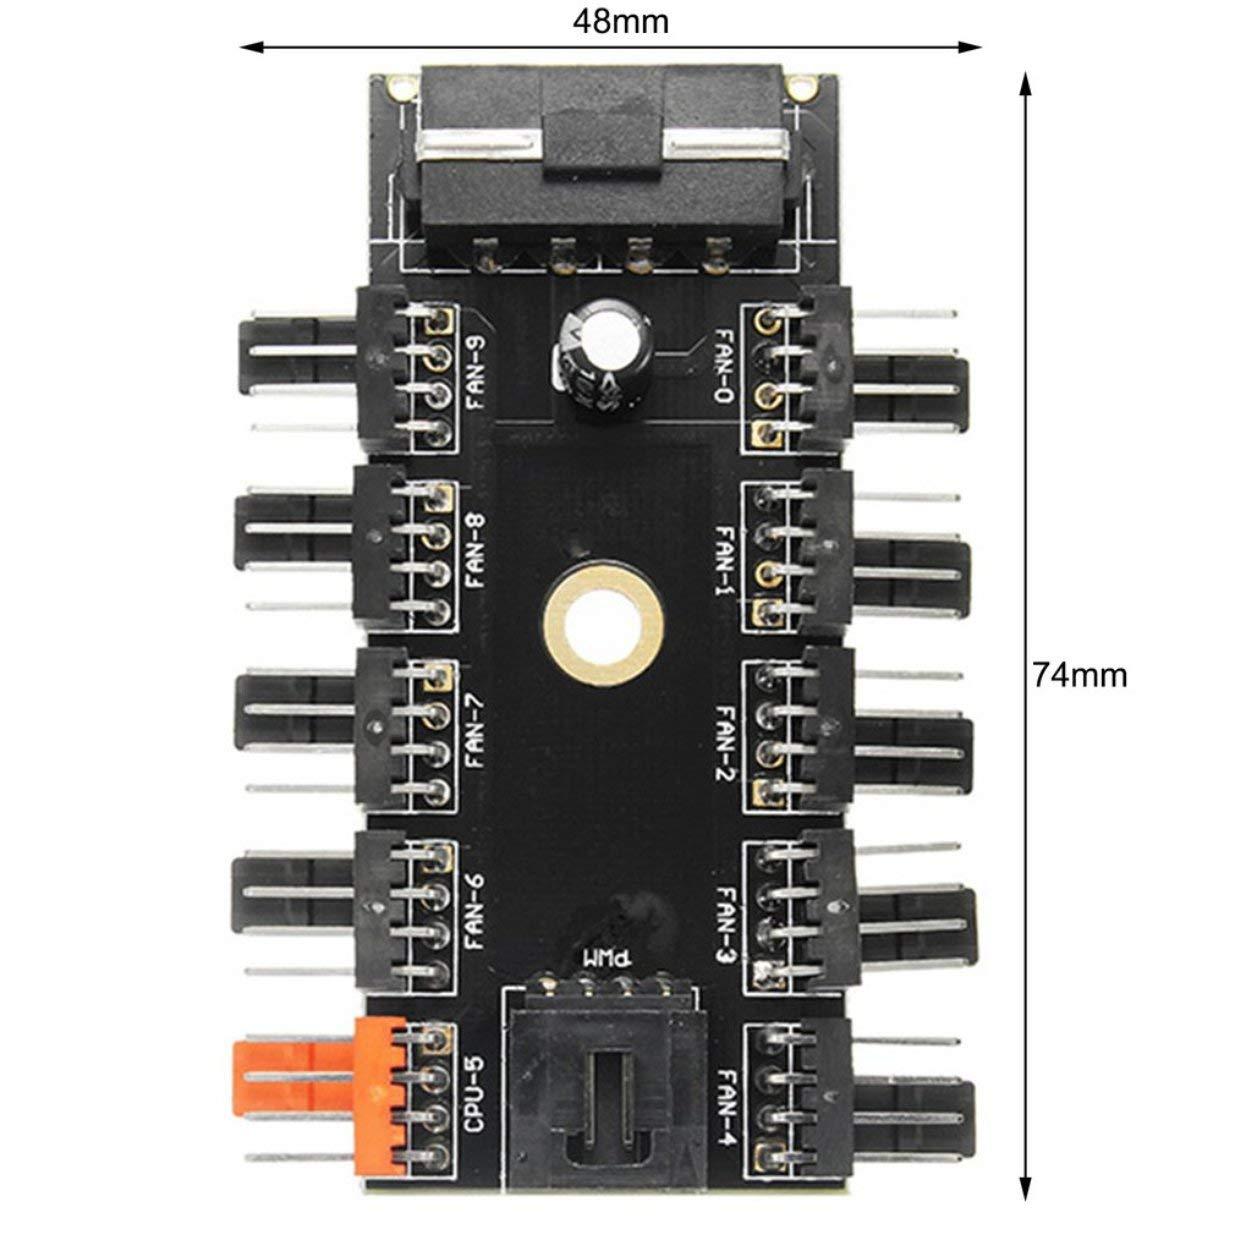 banbie8409 Velocidad de 4 Pines de Control de Temperatura de refrigeraci/ón Controlador del Ventilador PWM Fan Speed Hub 10 12V Caja de la computadora con el Cable de Manera PWM Conexi/ón